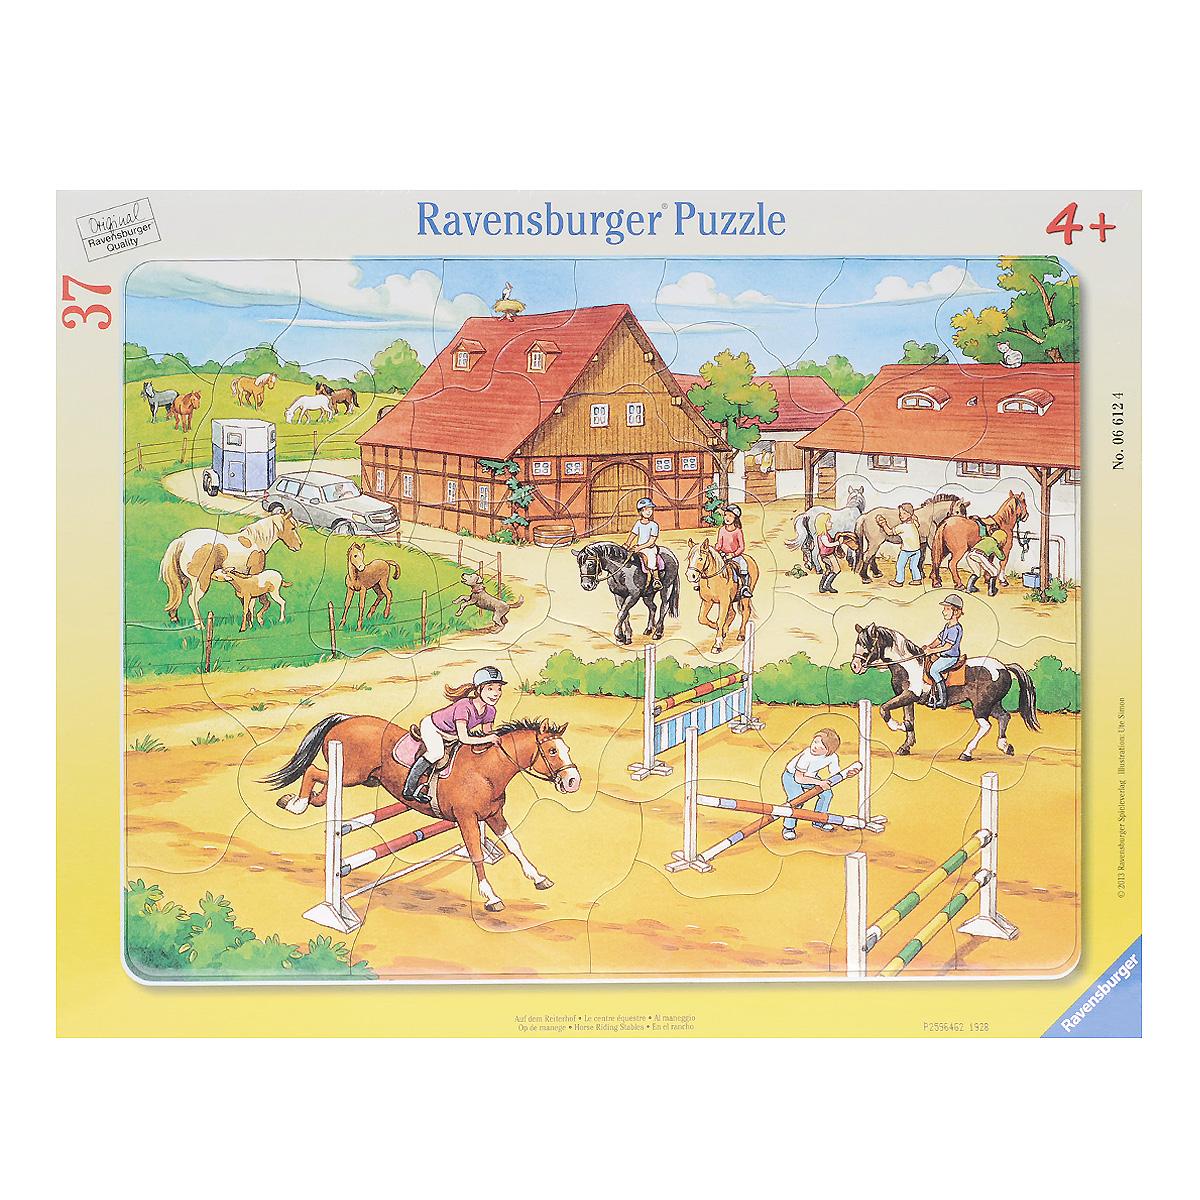 Ravensburger Верховая езда. Пазл в рамке, 37 элементов06612Пазл Ravensburger Верховая езда - замечательная развивающая игра для детей. Собирание пазла развивает у ребенка мелкую моторику рук, тренирует наблюдательность, логическое мышление, знакомит с окружающим миром, с цветом и разнообразными формами, учит усидчивости и терпению, аккуратности и вниманию.